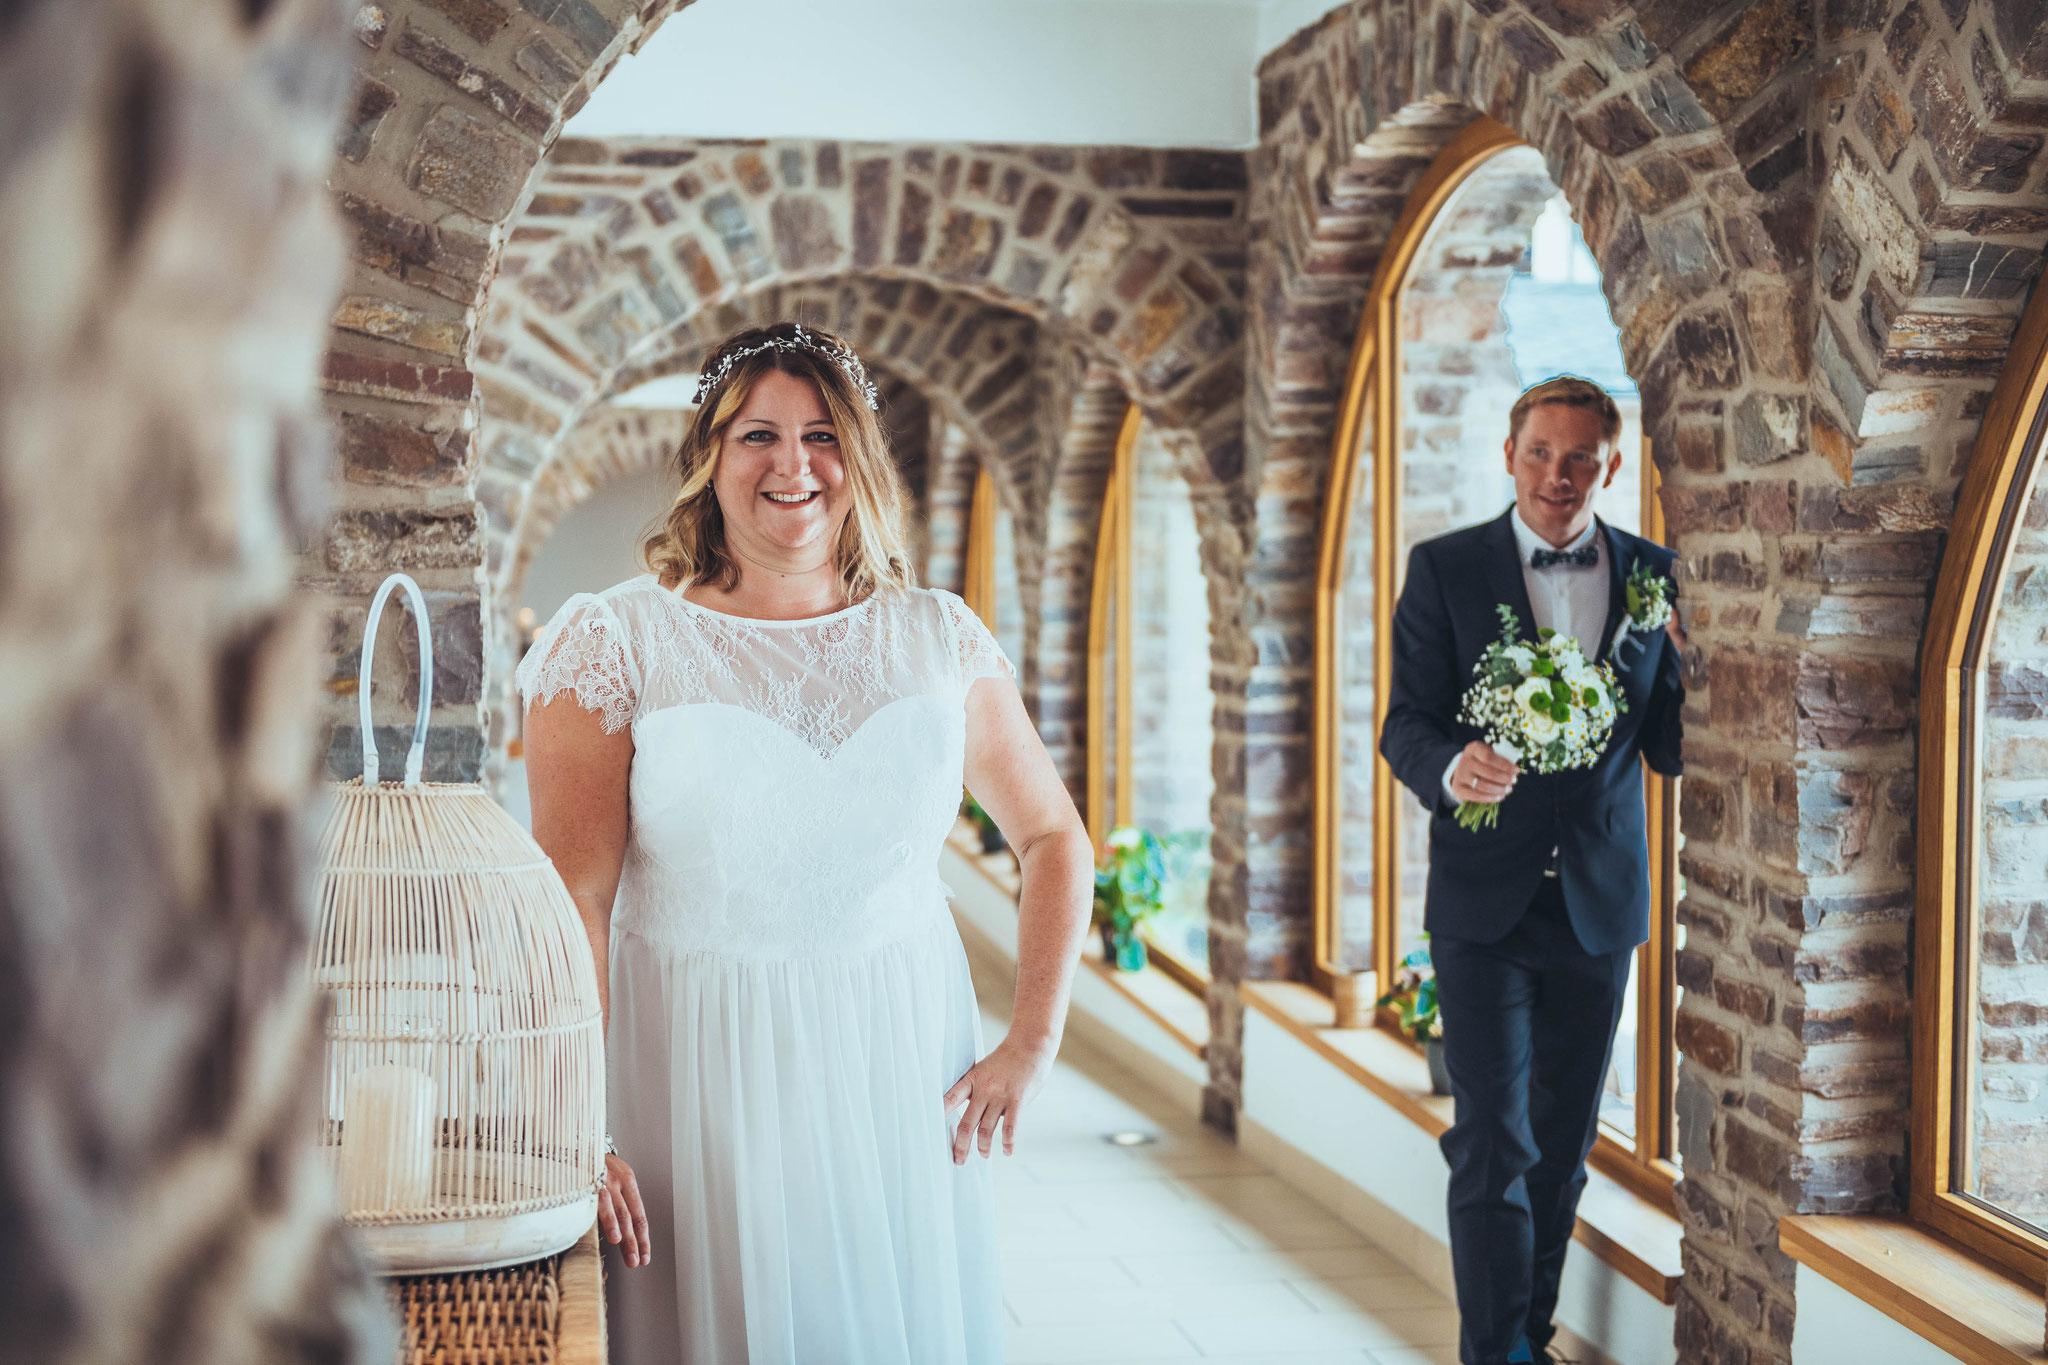 Hochzeitsfotograf und Videograf für Hochzeitsfotos und Videos im Klosterhotel Marienhöh Langweiler